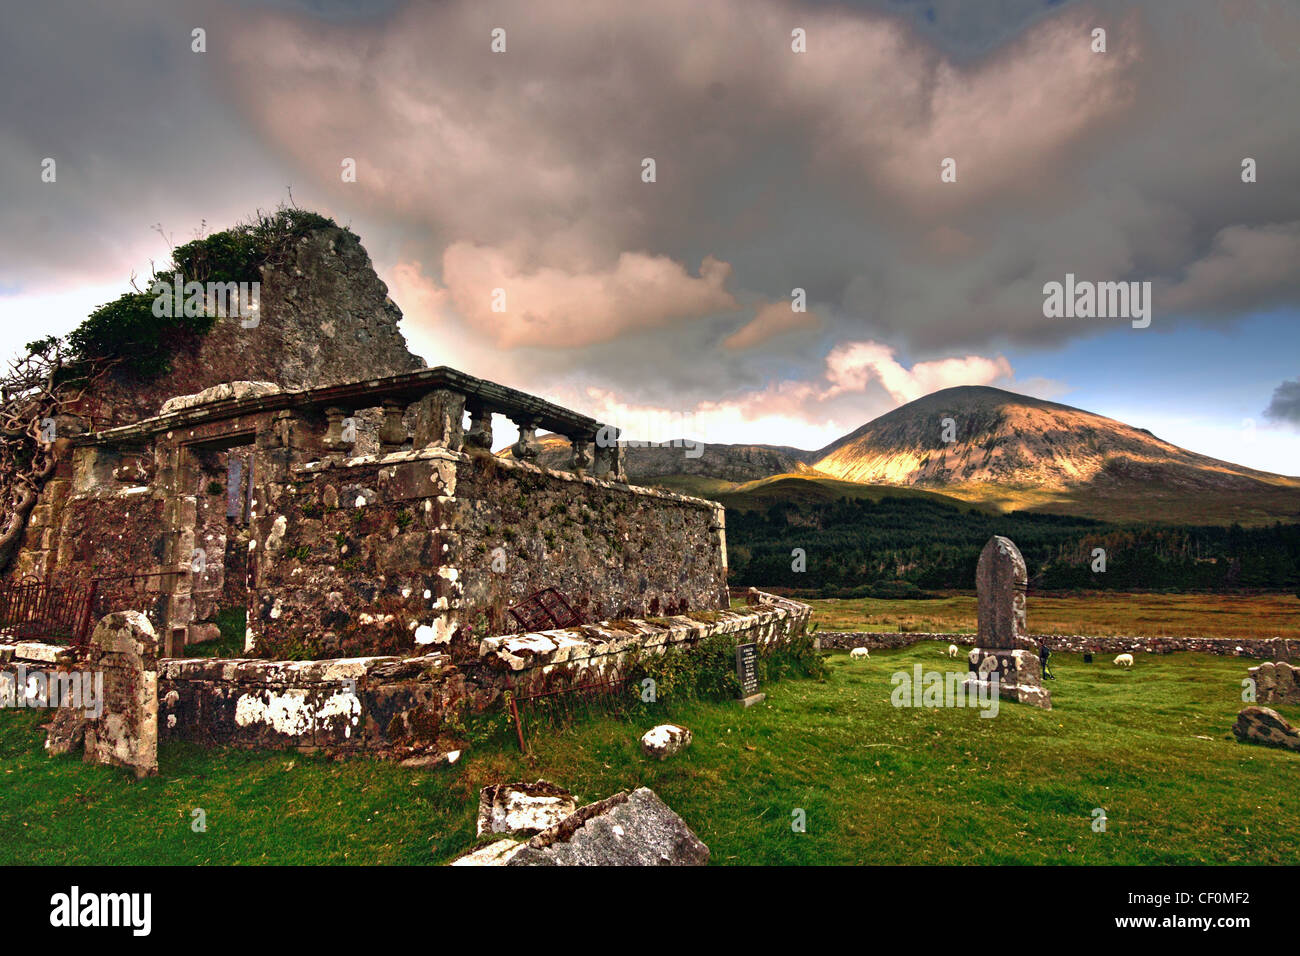 Laden Sie dieses Alamy Stockfoto Die alte Kapelle und Friedhof Elgol Straße B8083, Skye, innere Hebriden, Schottland, Vereinigtes Königreich - CF0MF2